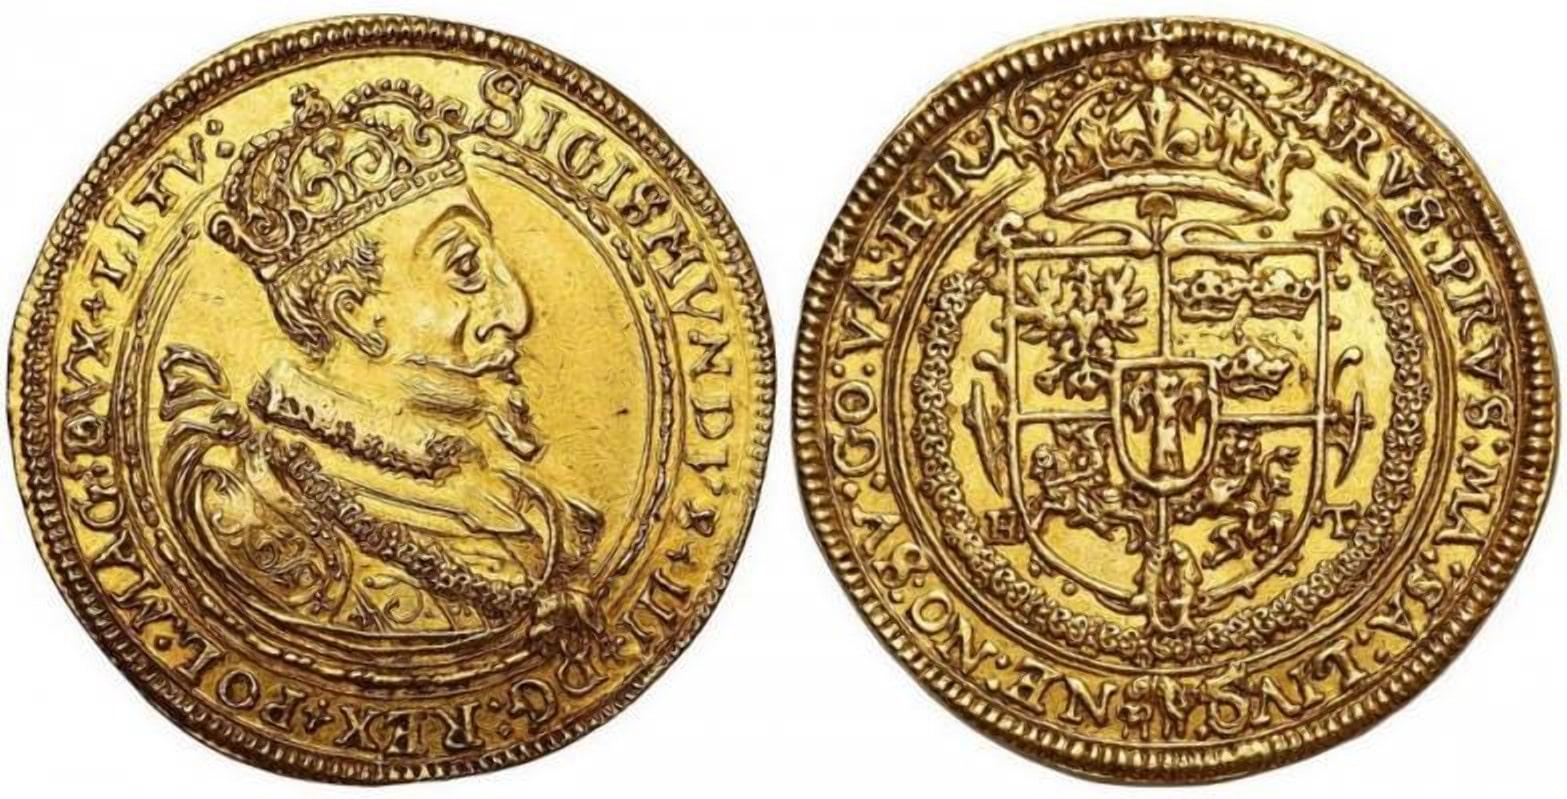 Золотая монета чеканенная для ВКЛ, основа кладов 17 века